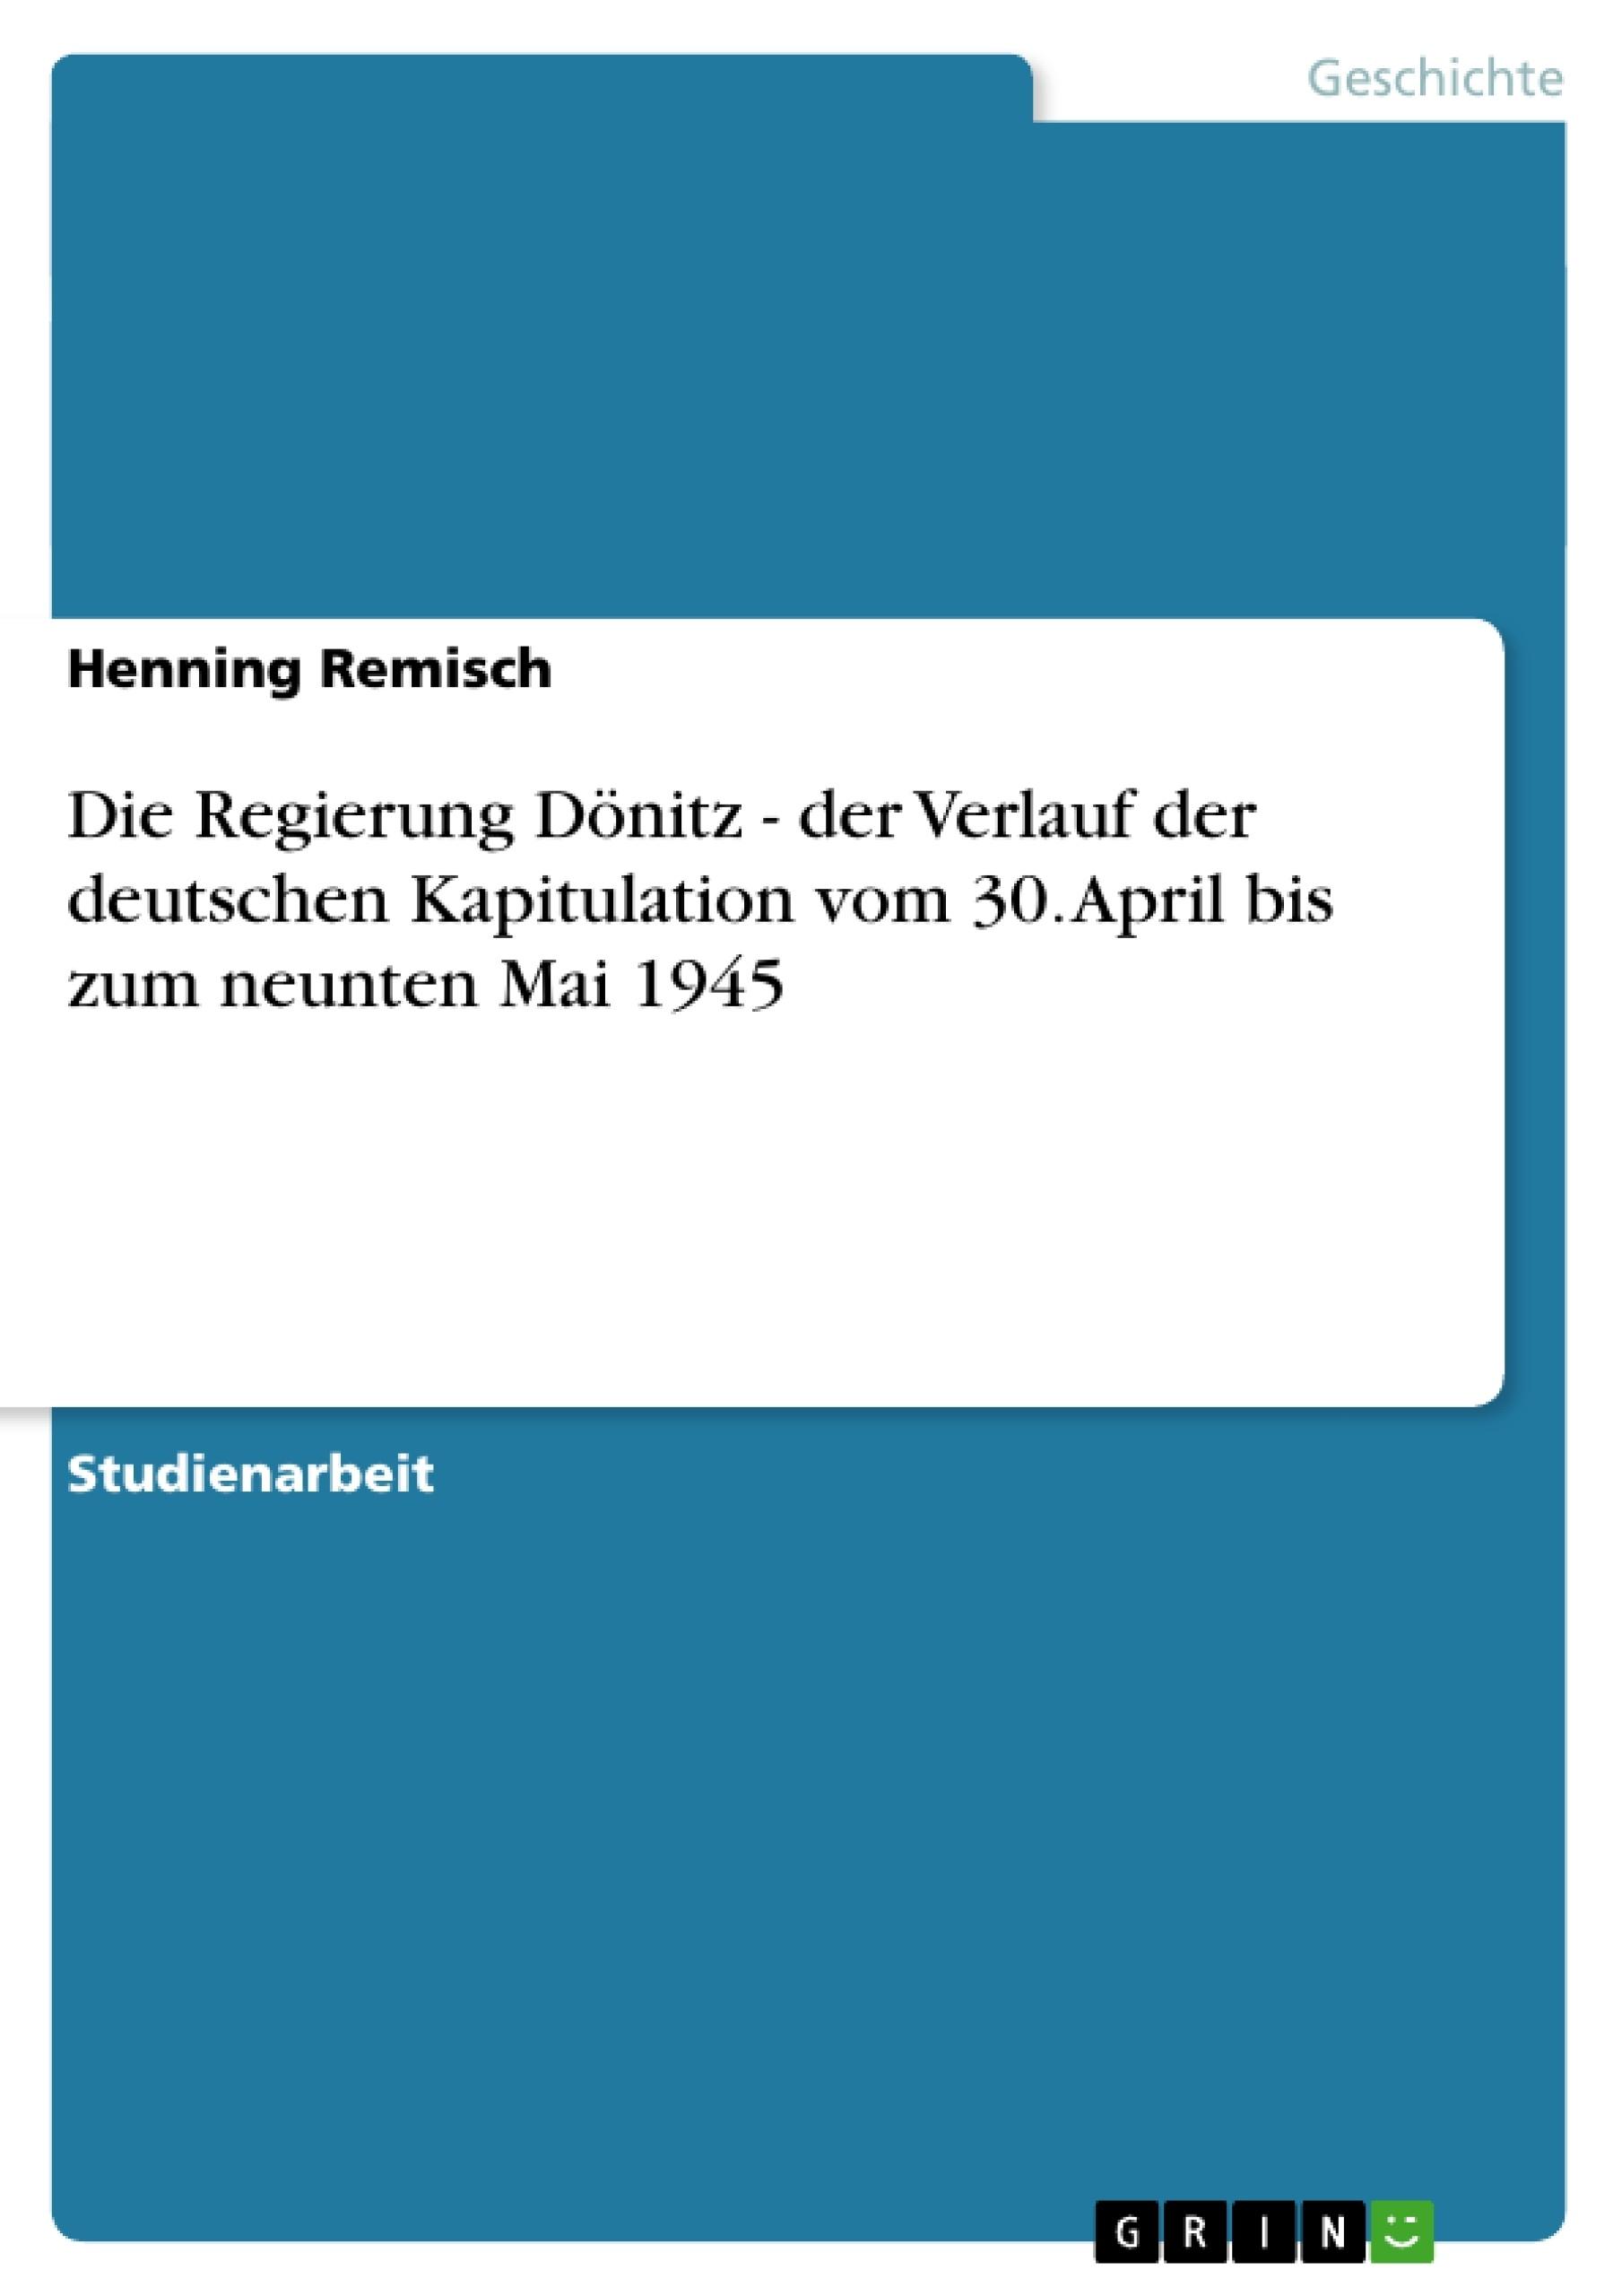 Titel: Die Regierung Dönitz - der Verlauf der deutschen Kapitulation vom 30. April bis zum neunten Mai 1945